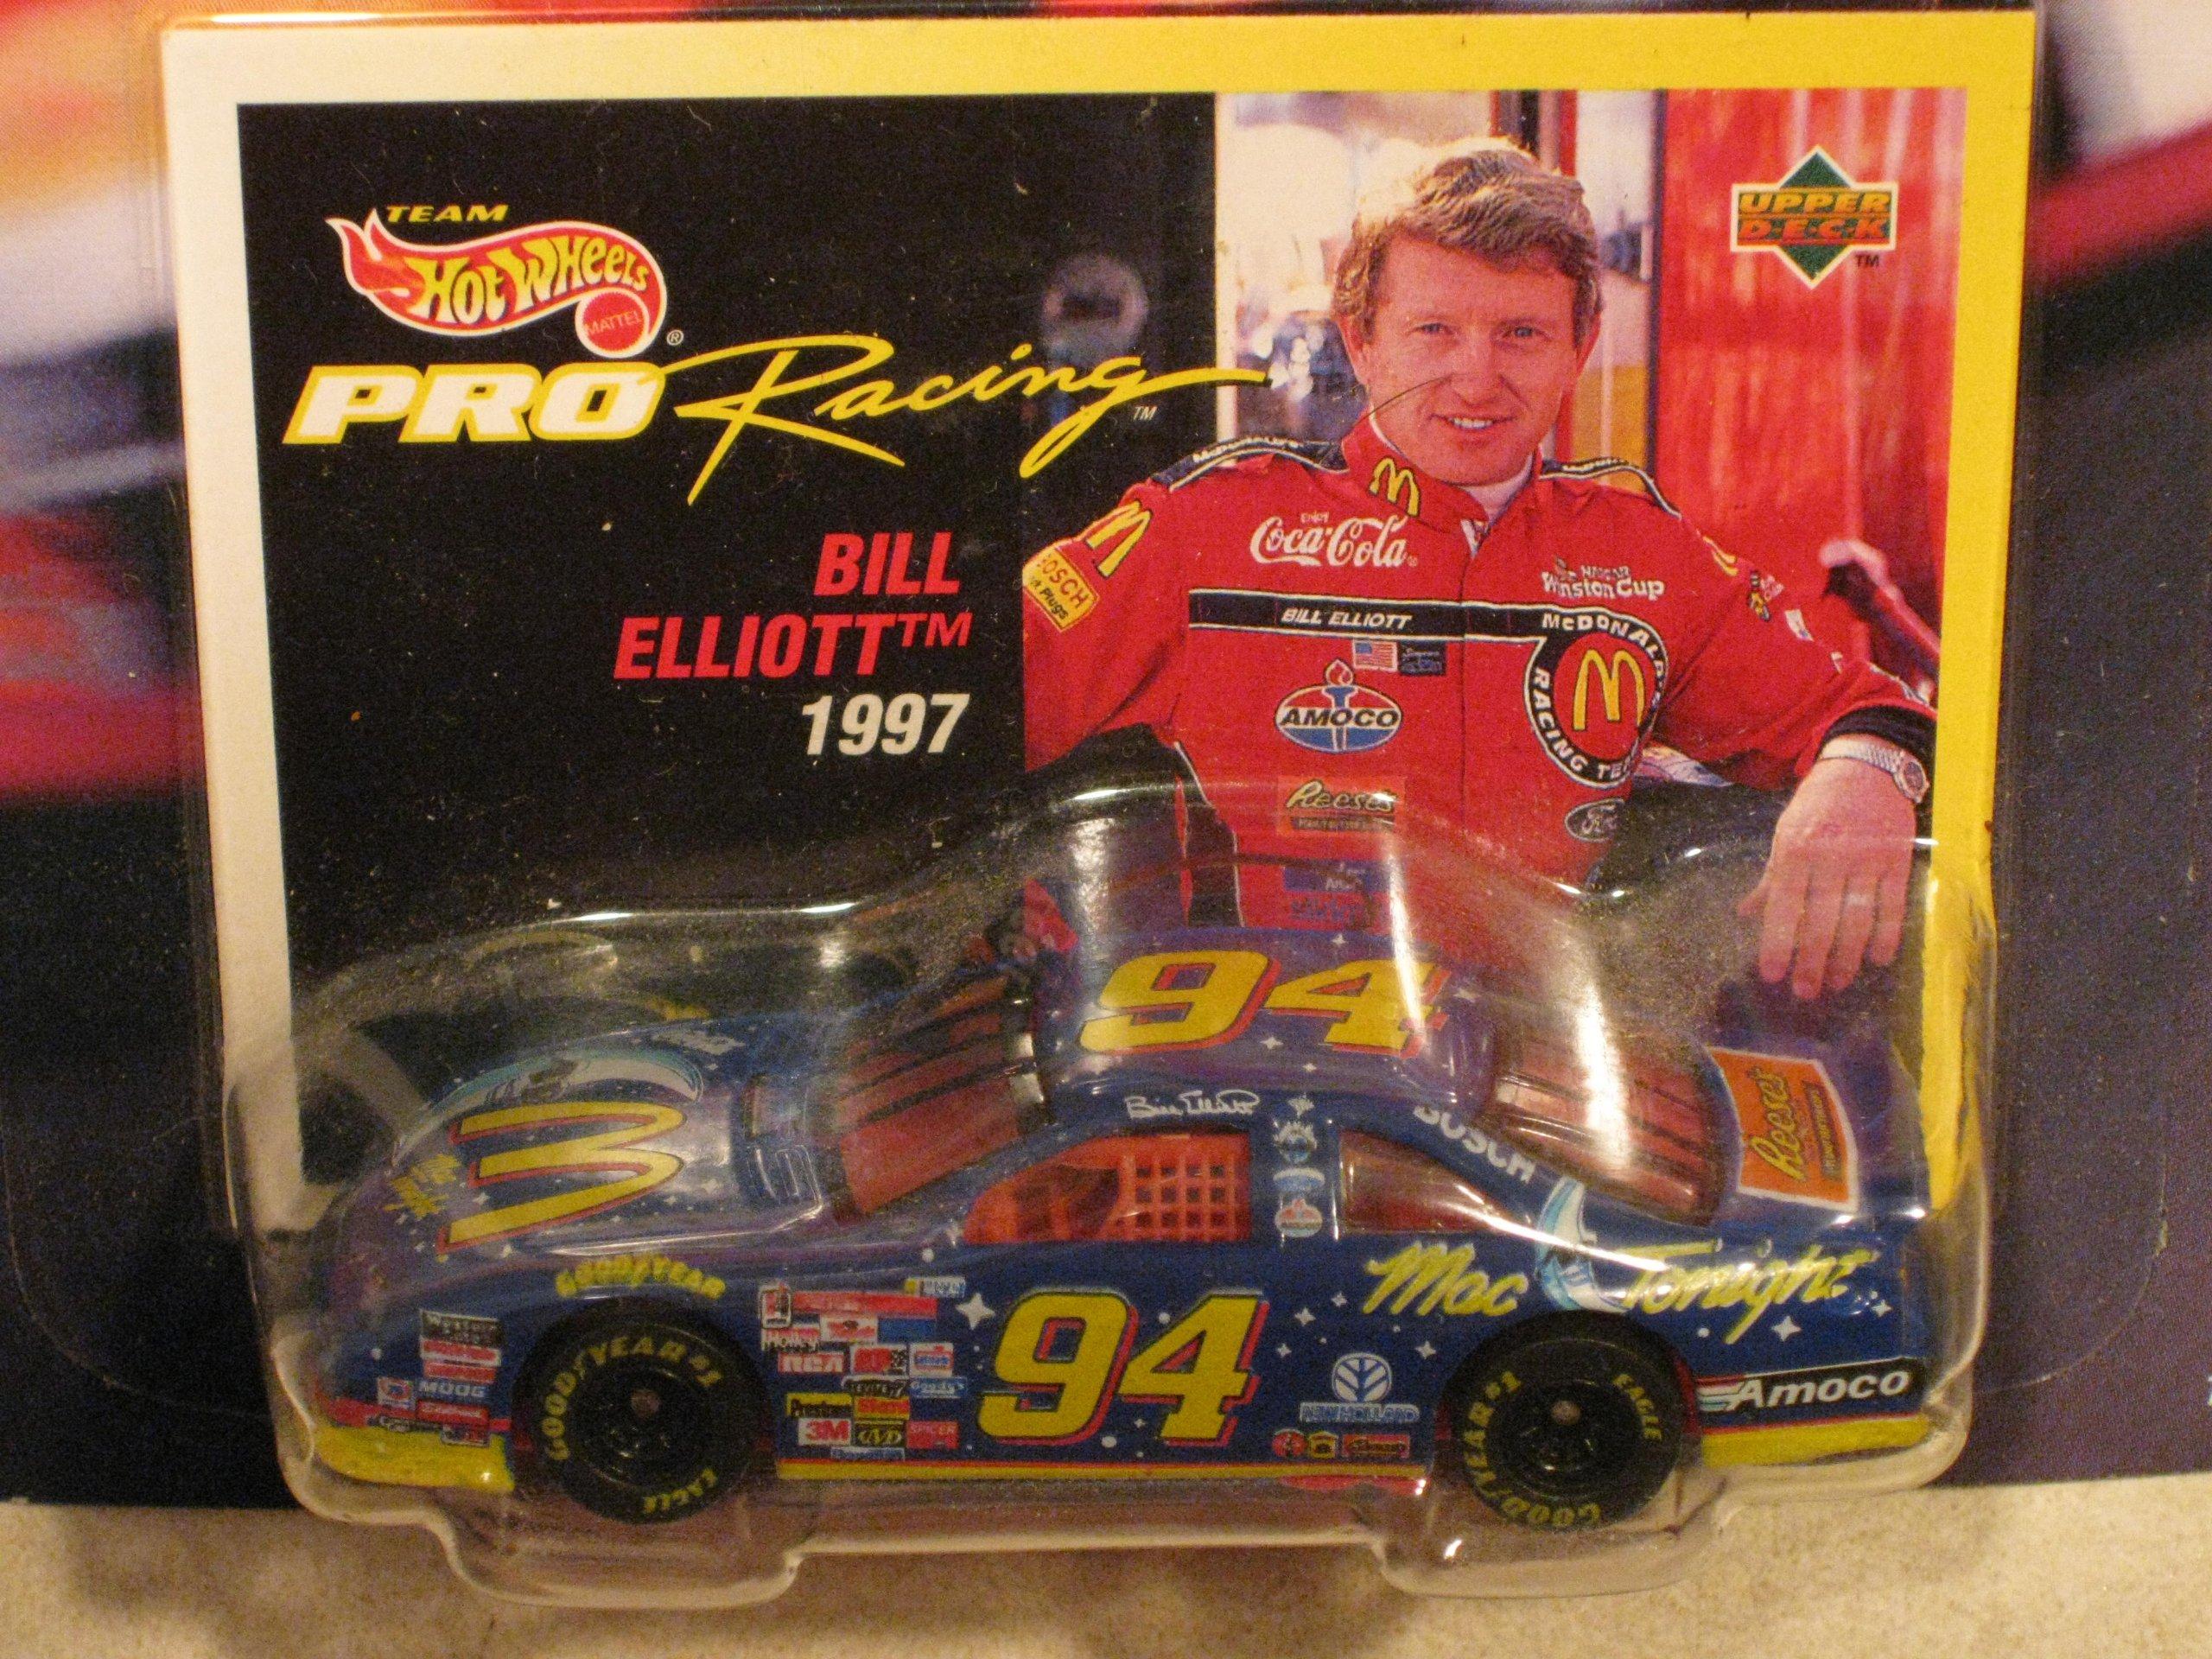 Team Hot Wheels Pro Racing 1997 Short Track 1st-Ed. Bill Elliott